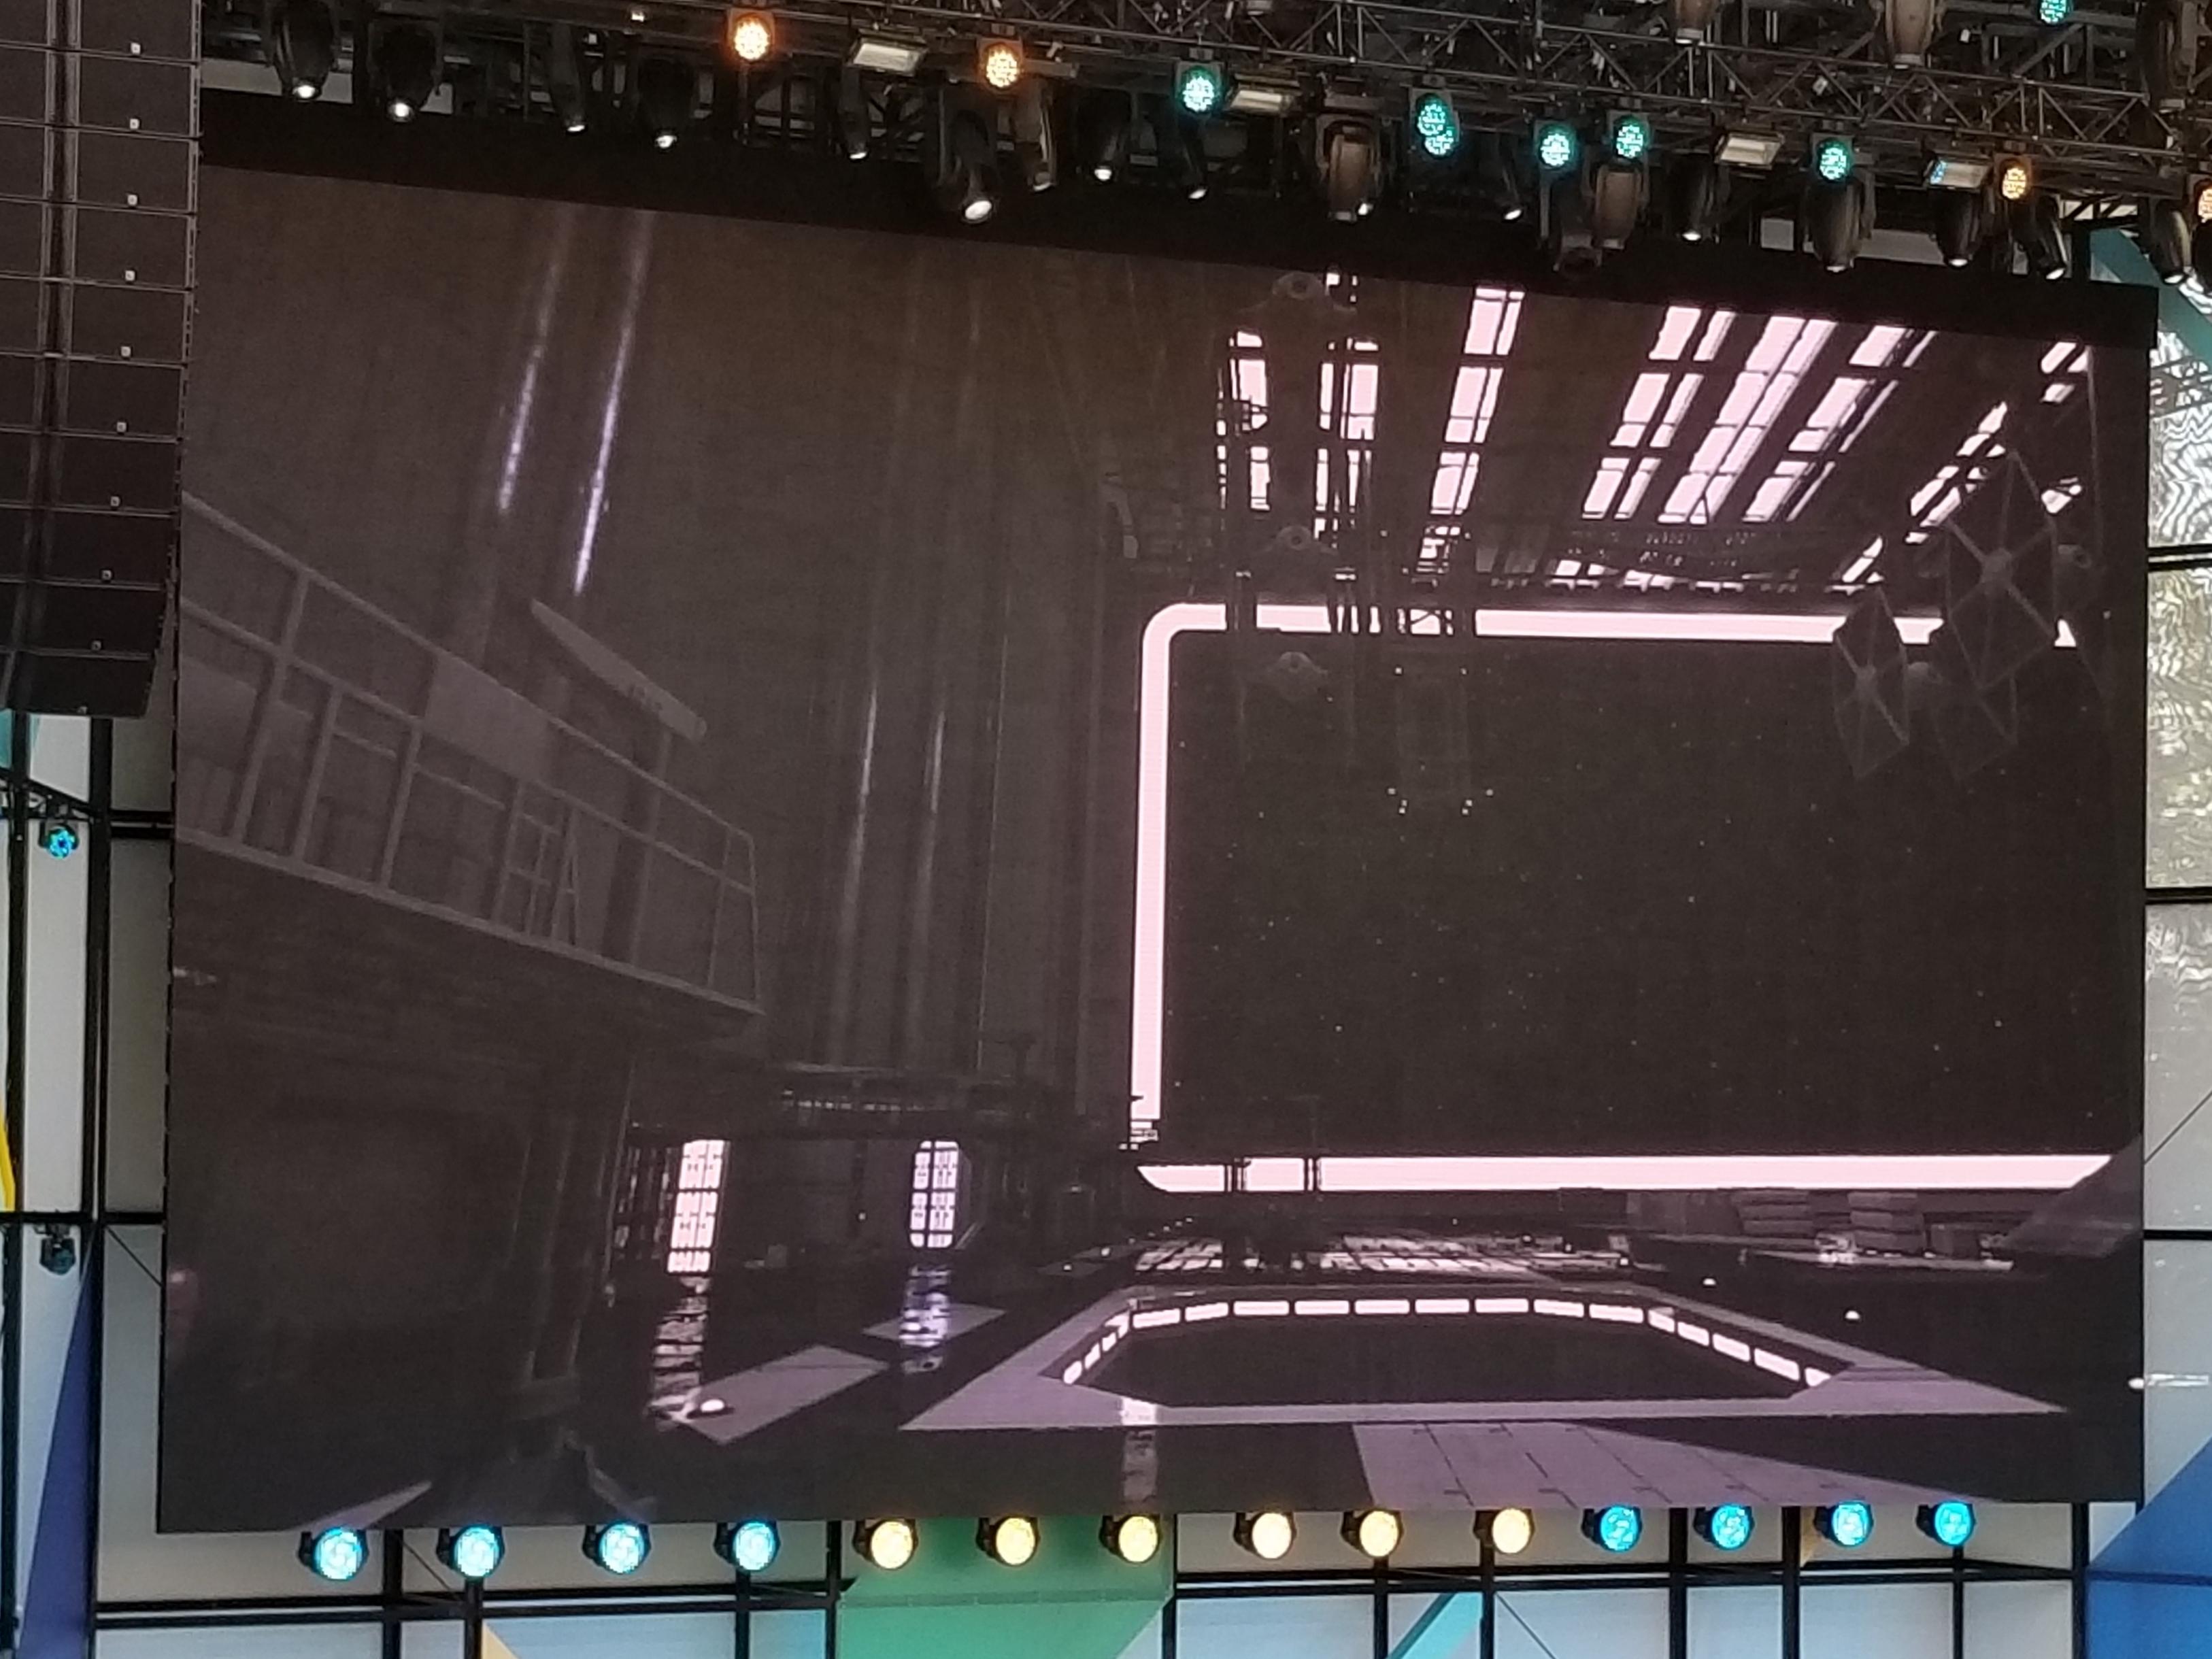 Google viste frem en Star Wars-demo med mange GB med teksturer som blir krympet og deretter sendt til mobilen med VR-headset. Grafikken blir på den måten mye bedre. Vi får vite mer om teknologien senere i år.